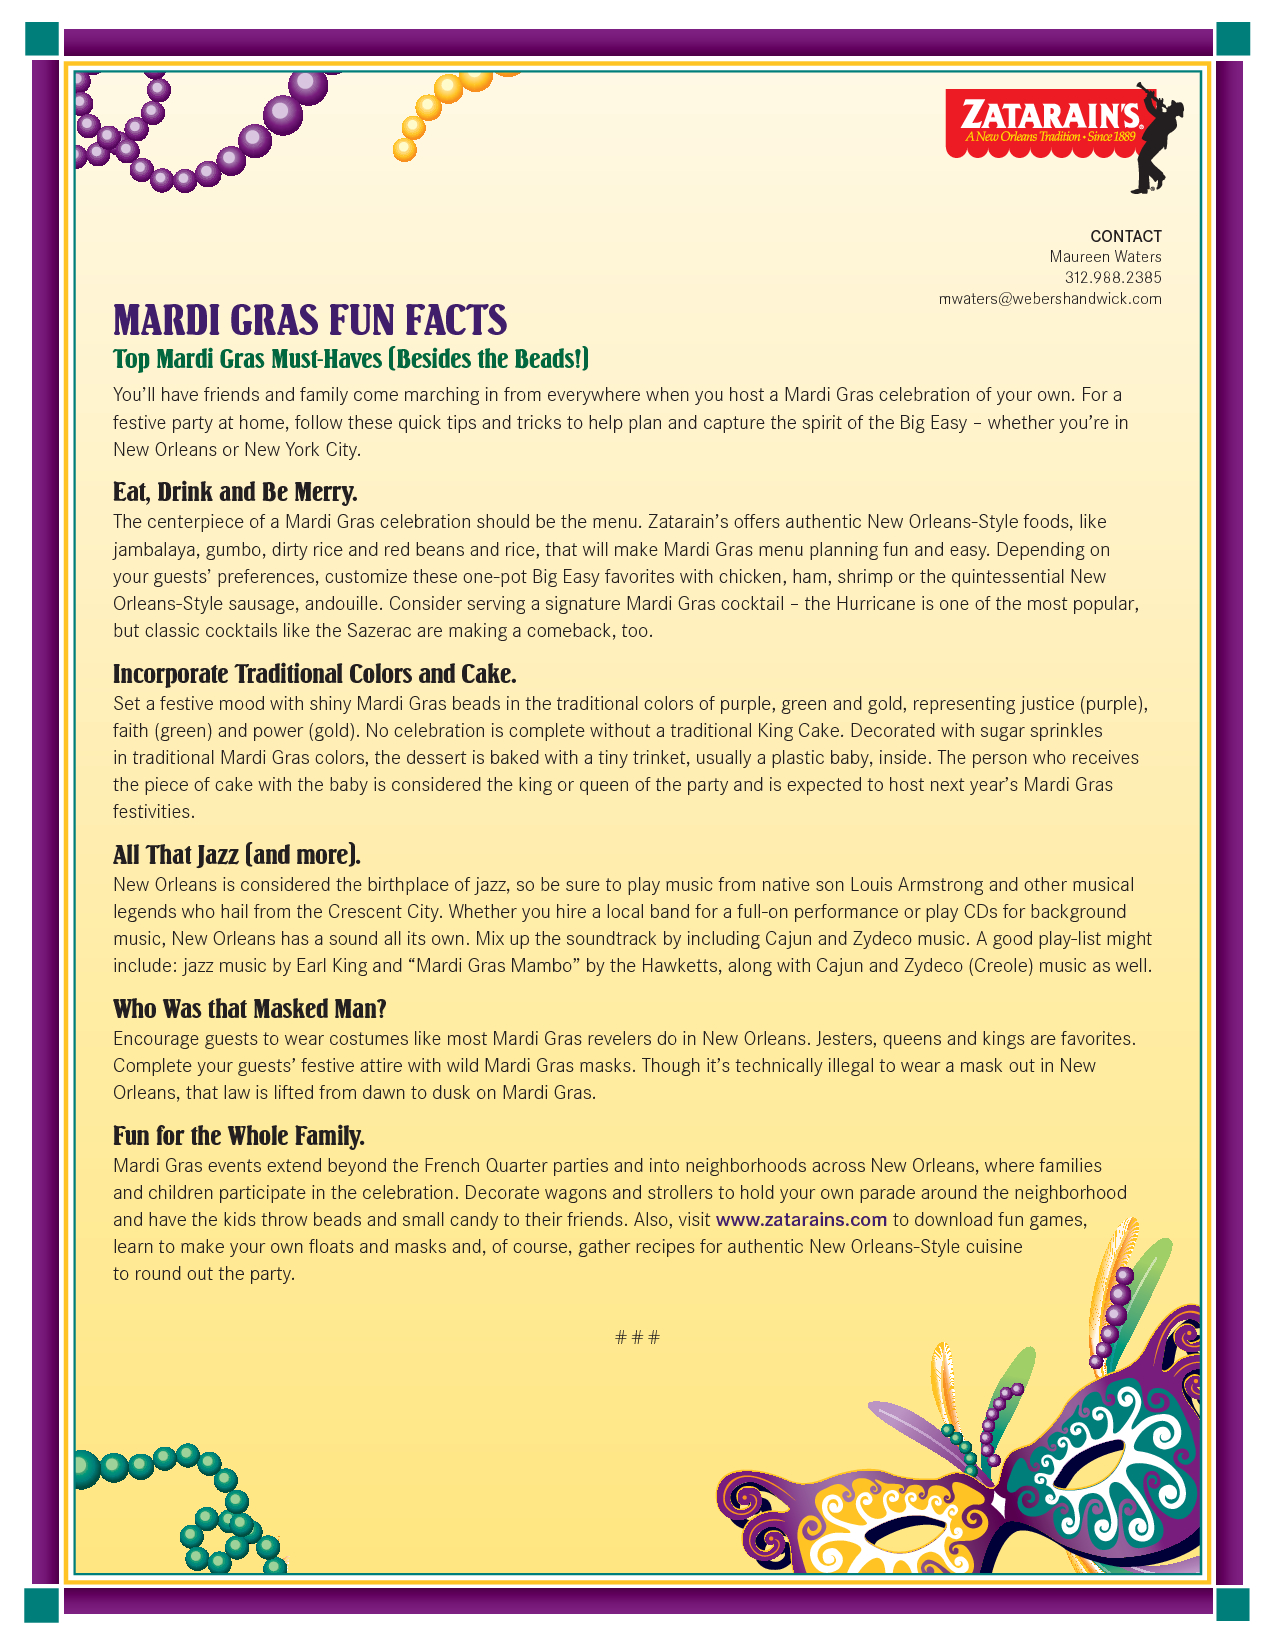 Mardi Gras Trivia. Mardi Gras Masks   Family   Mardi Gras Party - Free Printable Mardi Gras Games